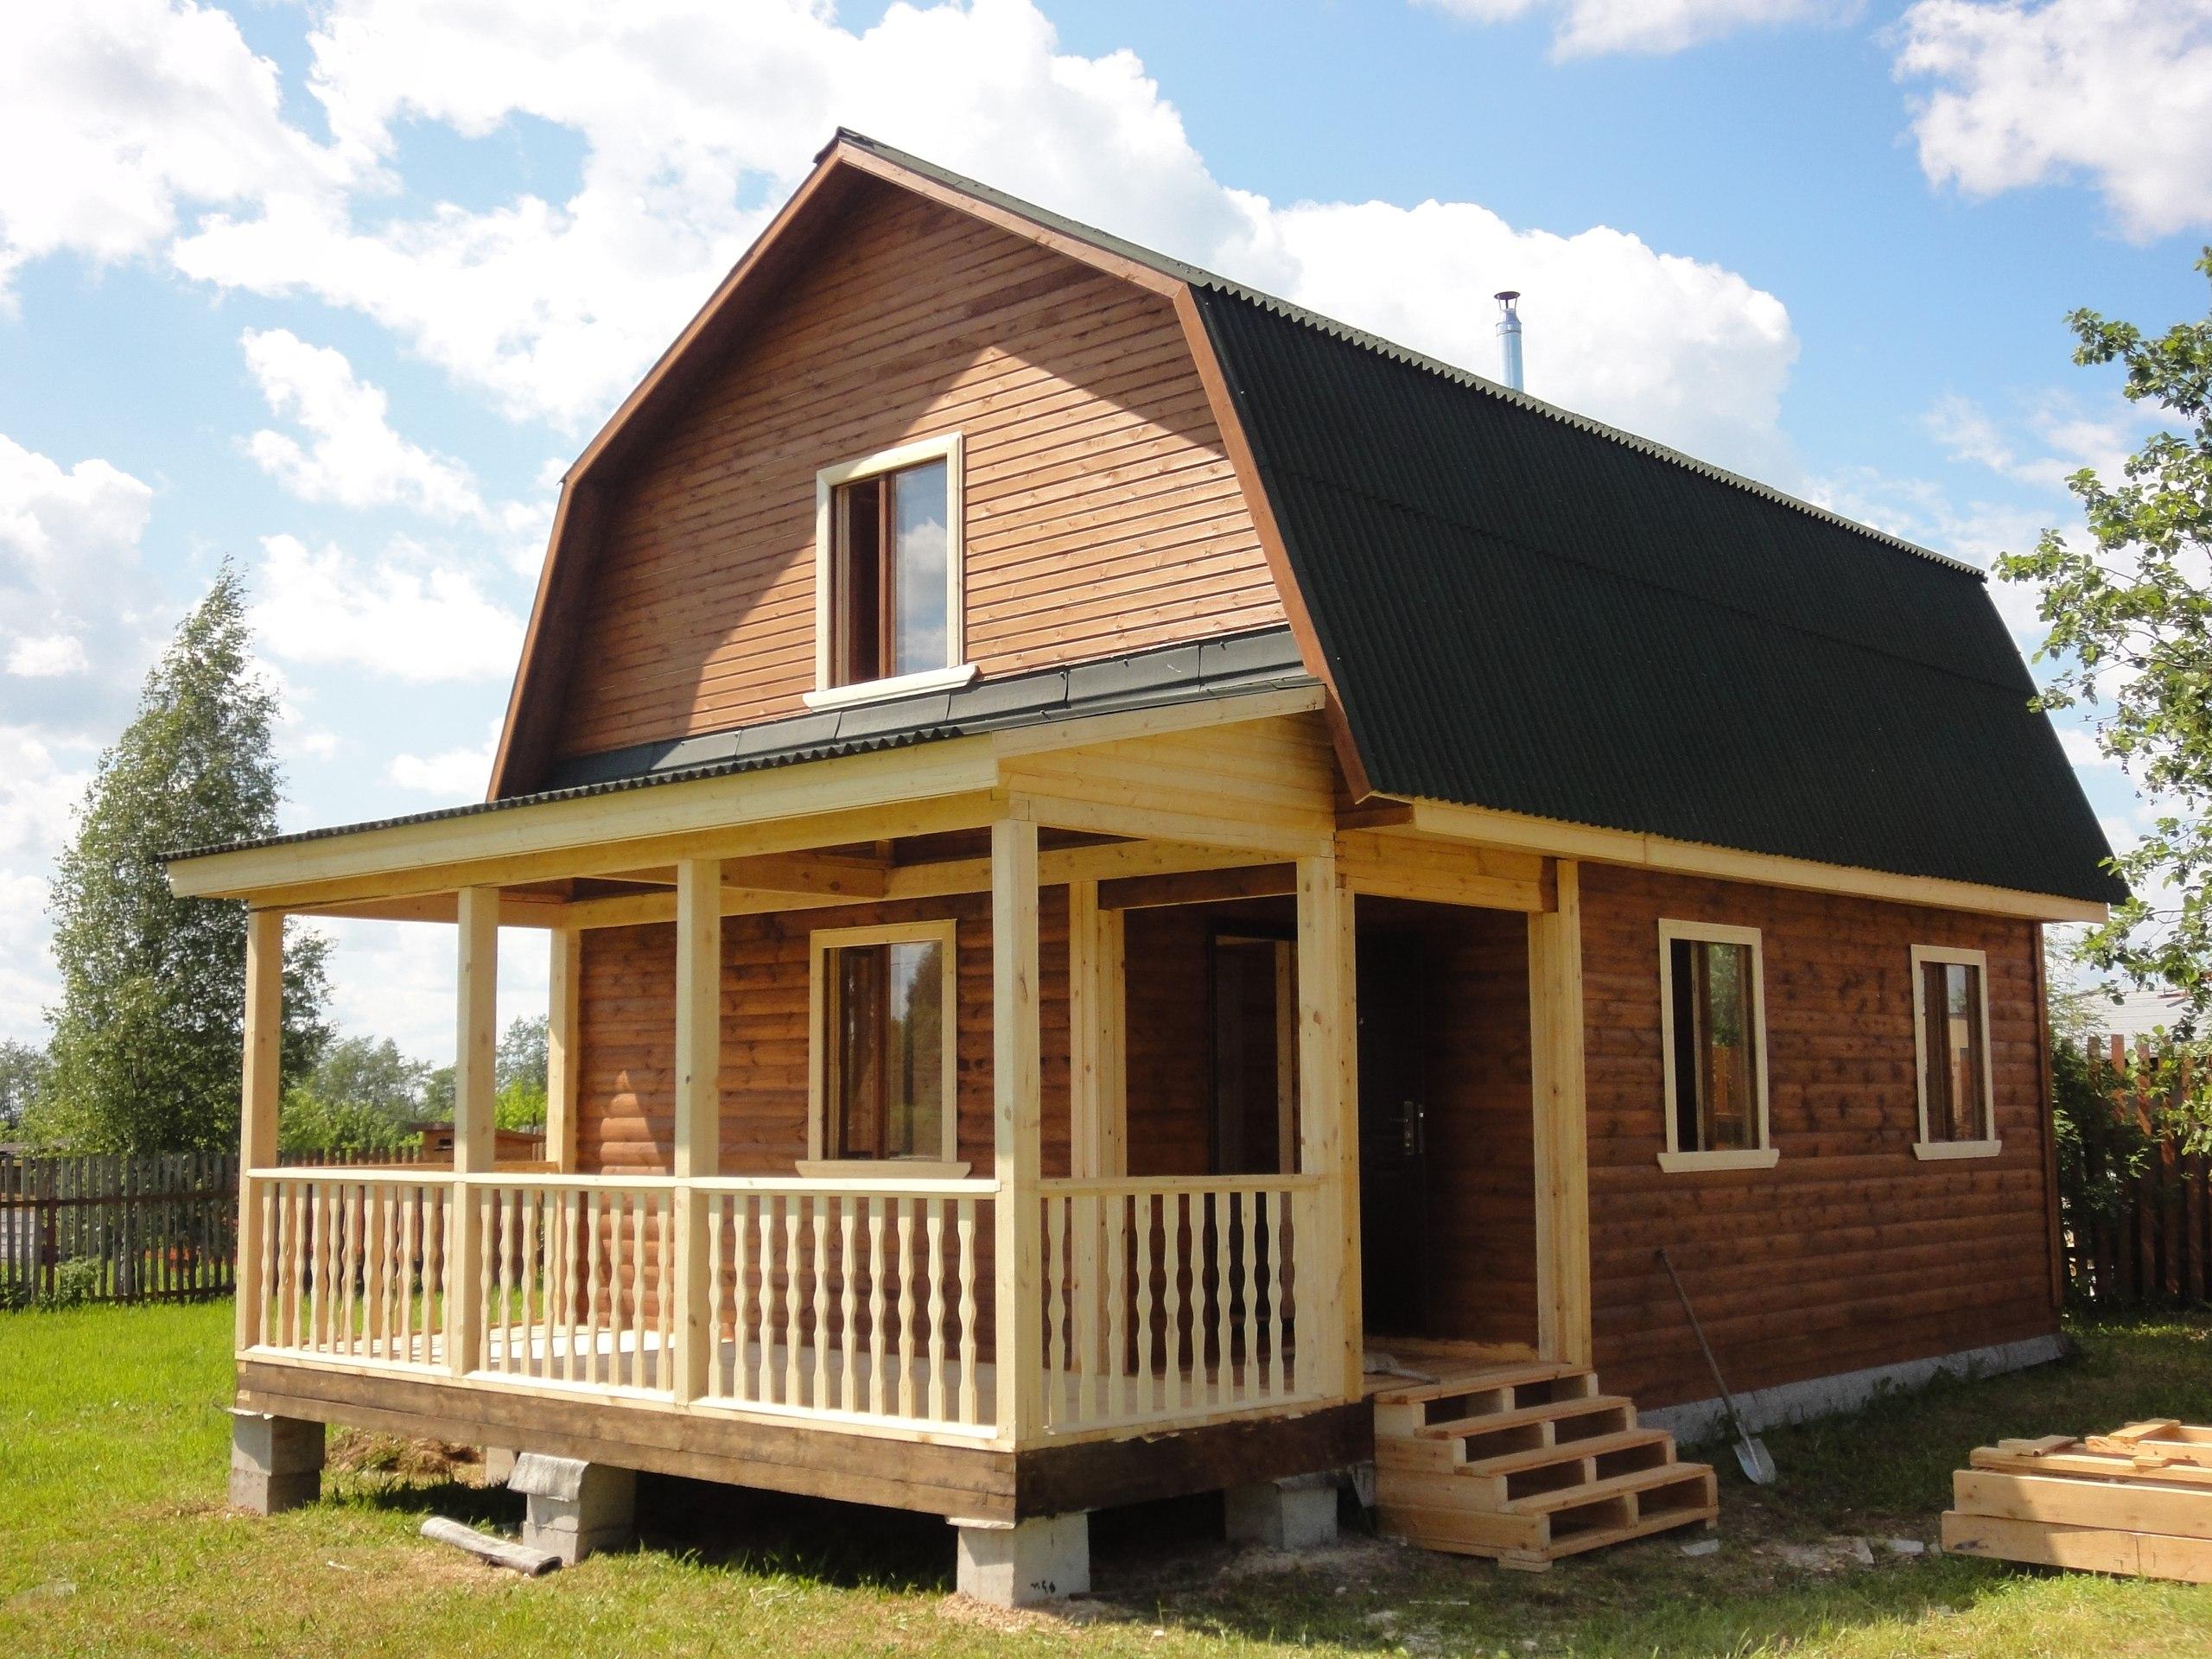 Дом из профилированного бруса с верандой: вместительный и быстровозводимый вариант